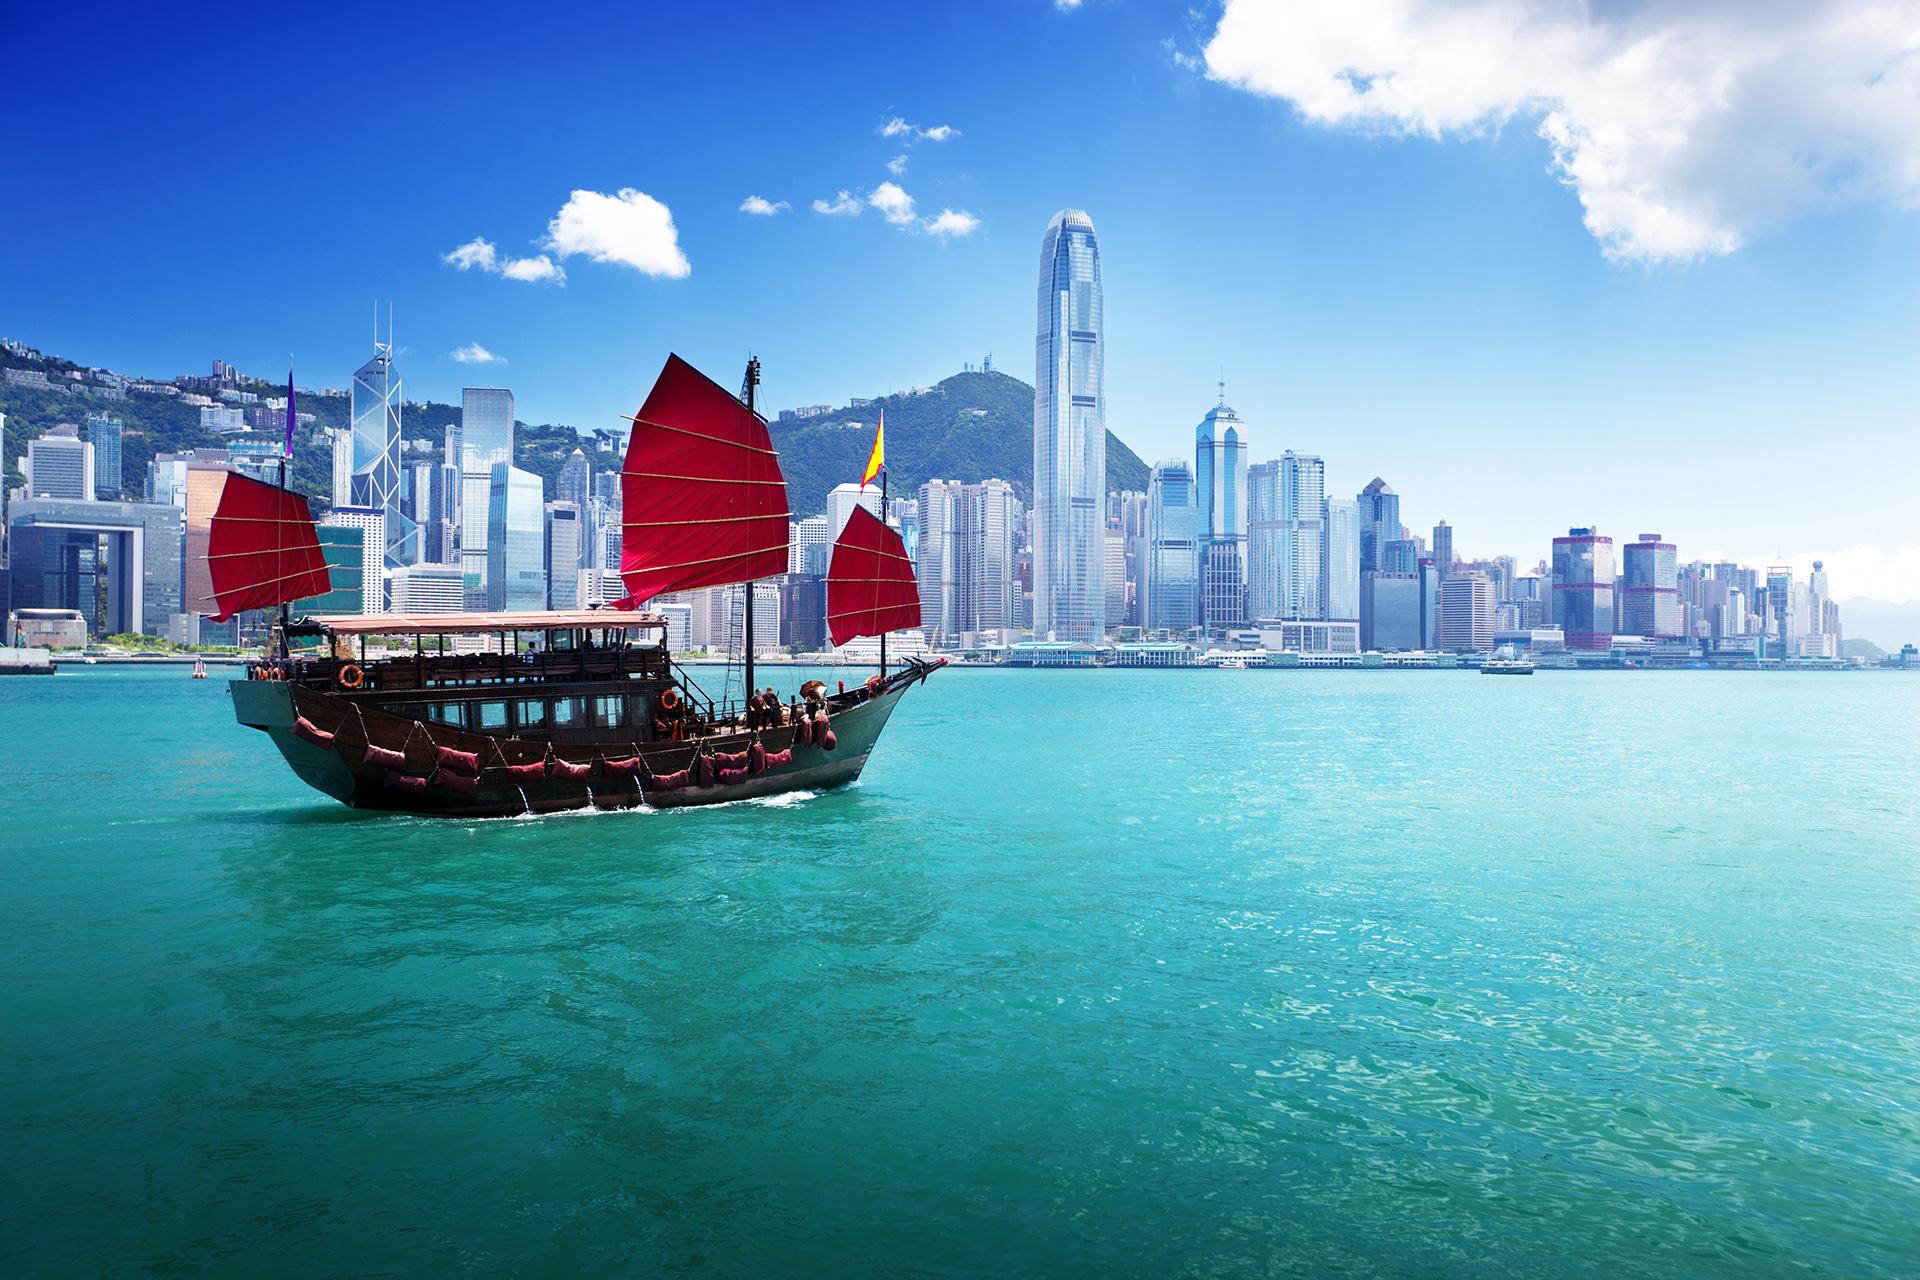 Es un lugar donde muchas culturas y tradiciones. El clima es generalmente cálido y húmedo, aunque hace mucho más calor en los meses de verano. De fondo la bahía de Hong Kong